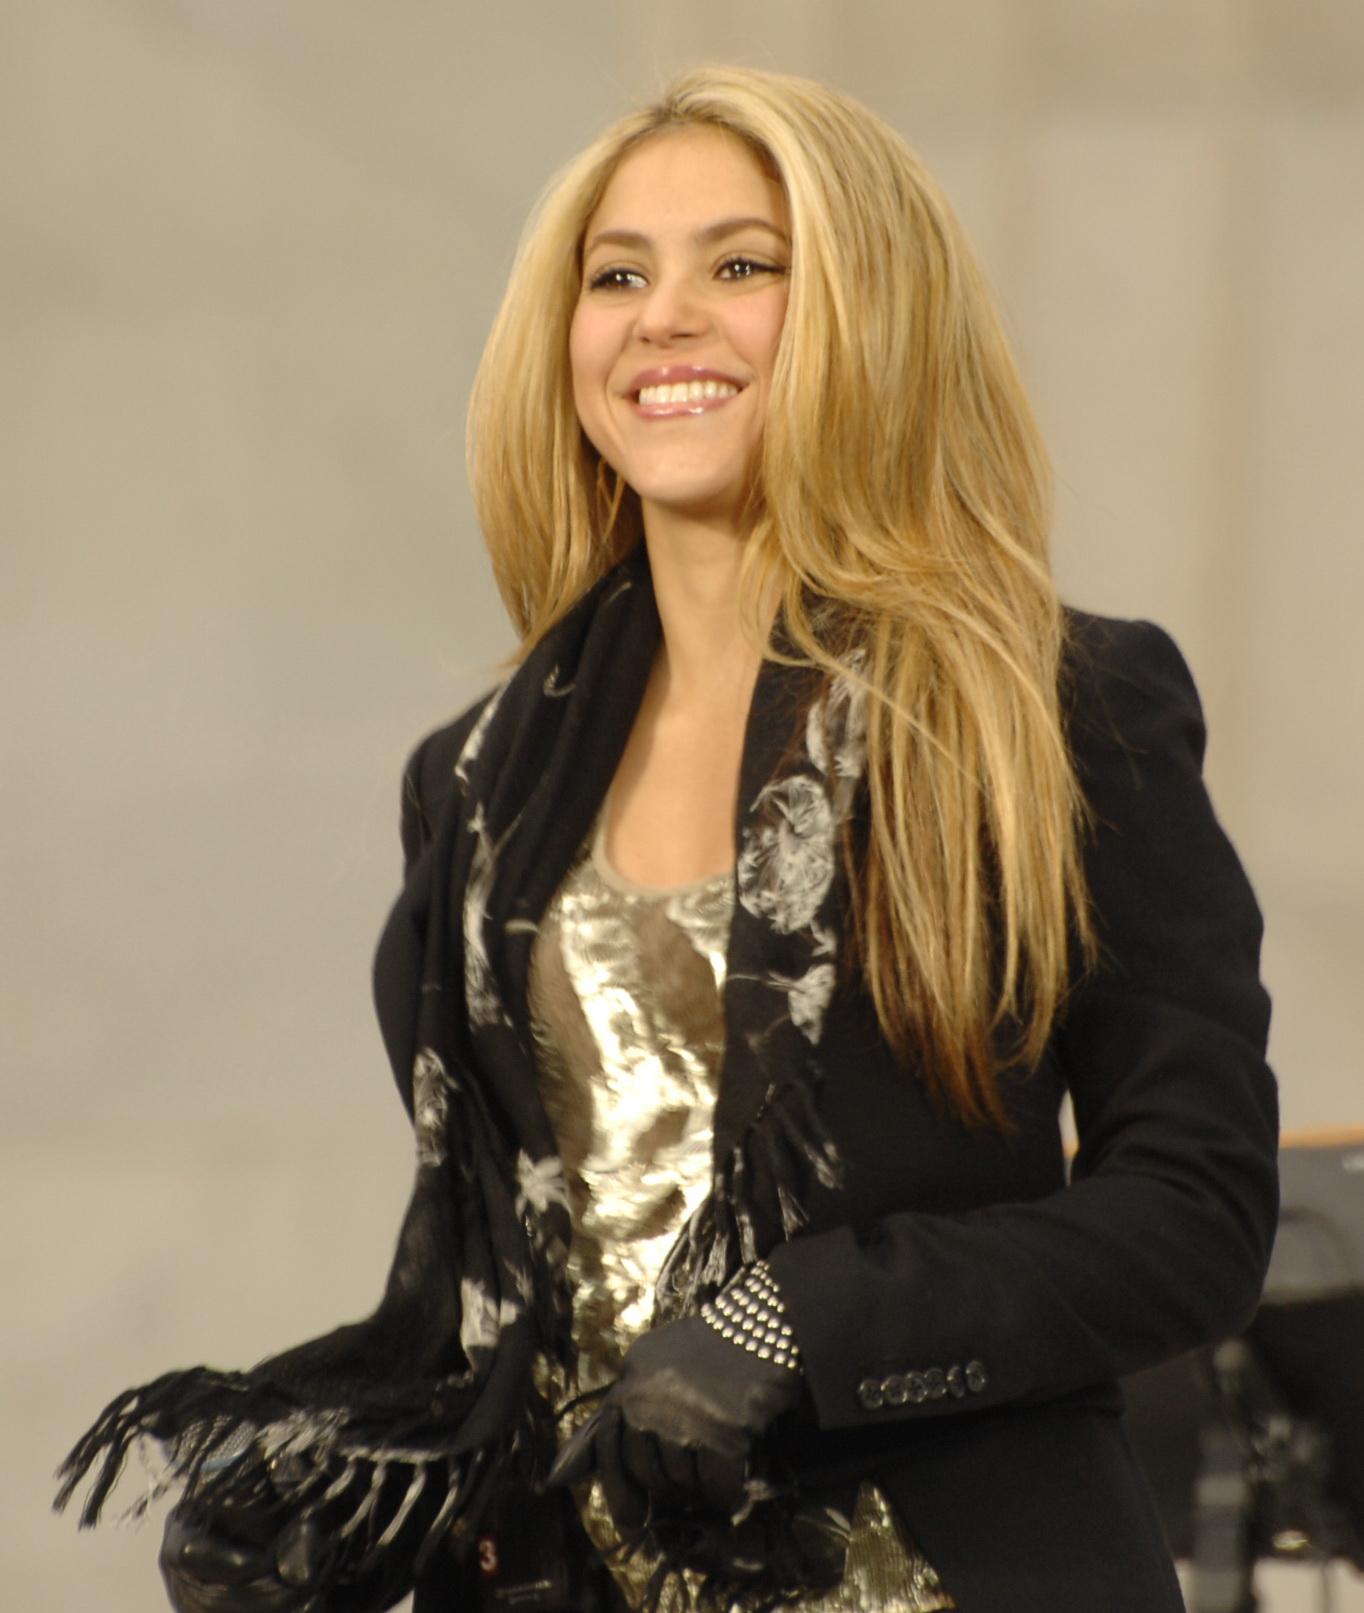 Korespa spanish Shakira